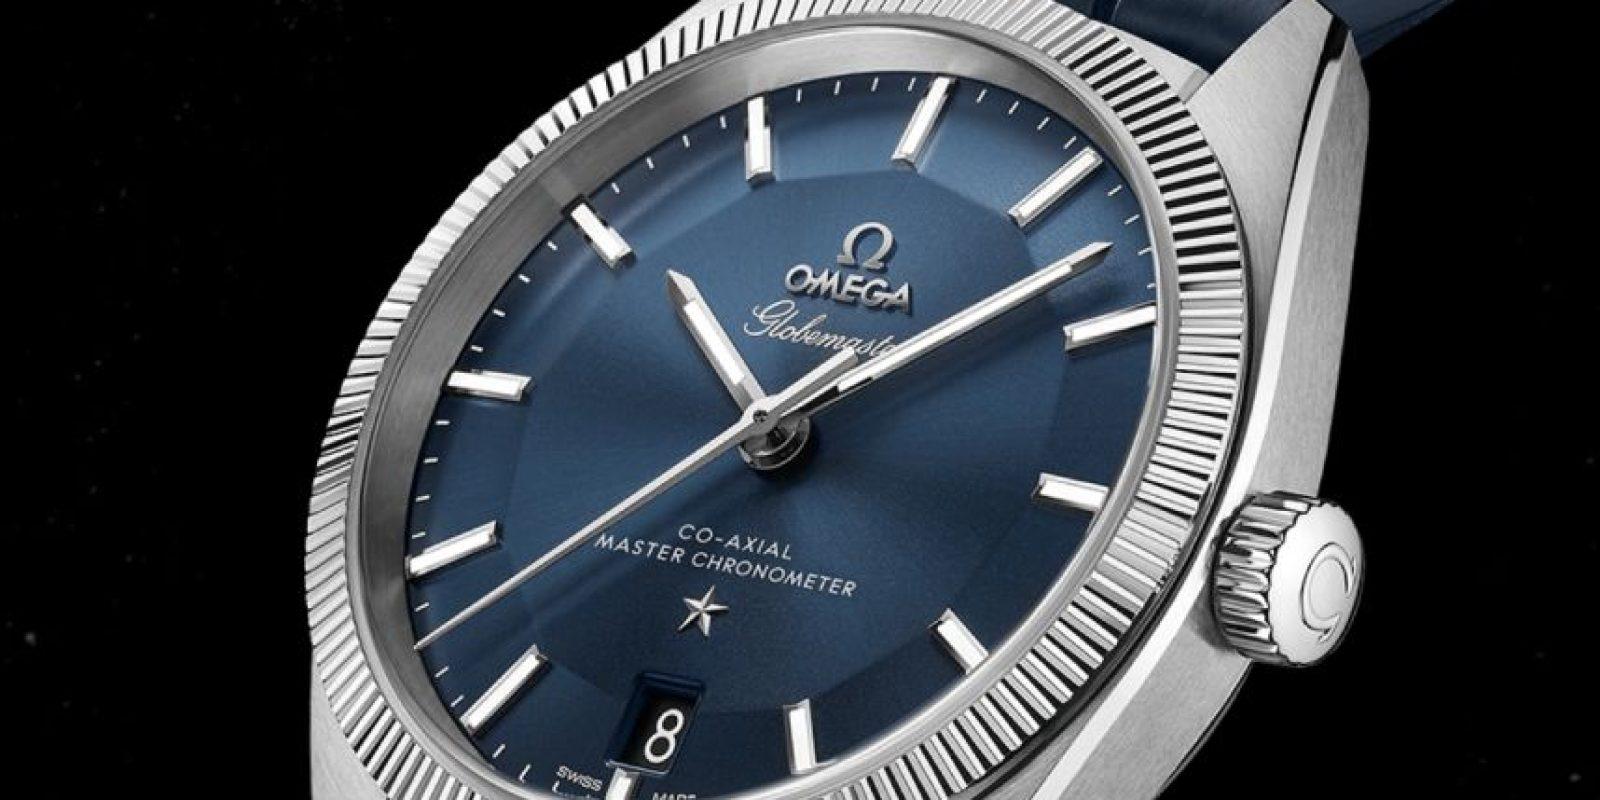 Omega es una de las marcas más populares en relojería para hombres. Foto:omegawatches.com/es